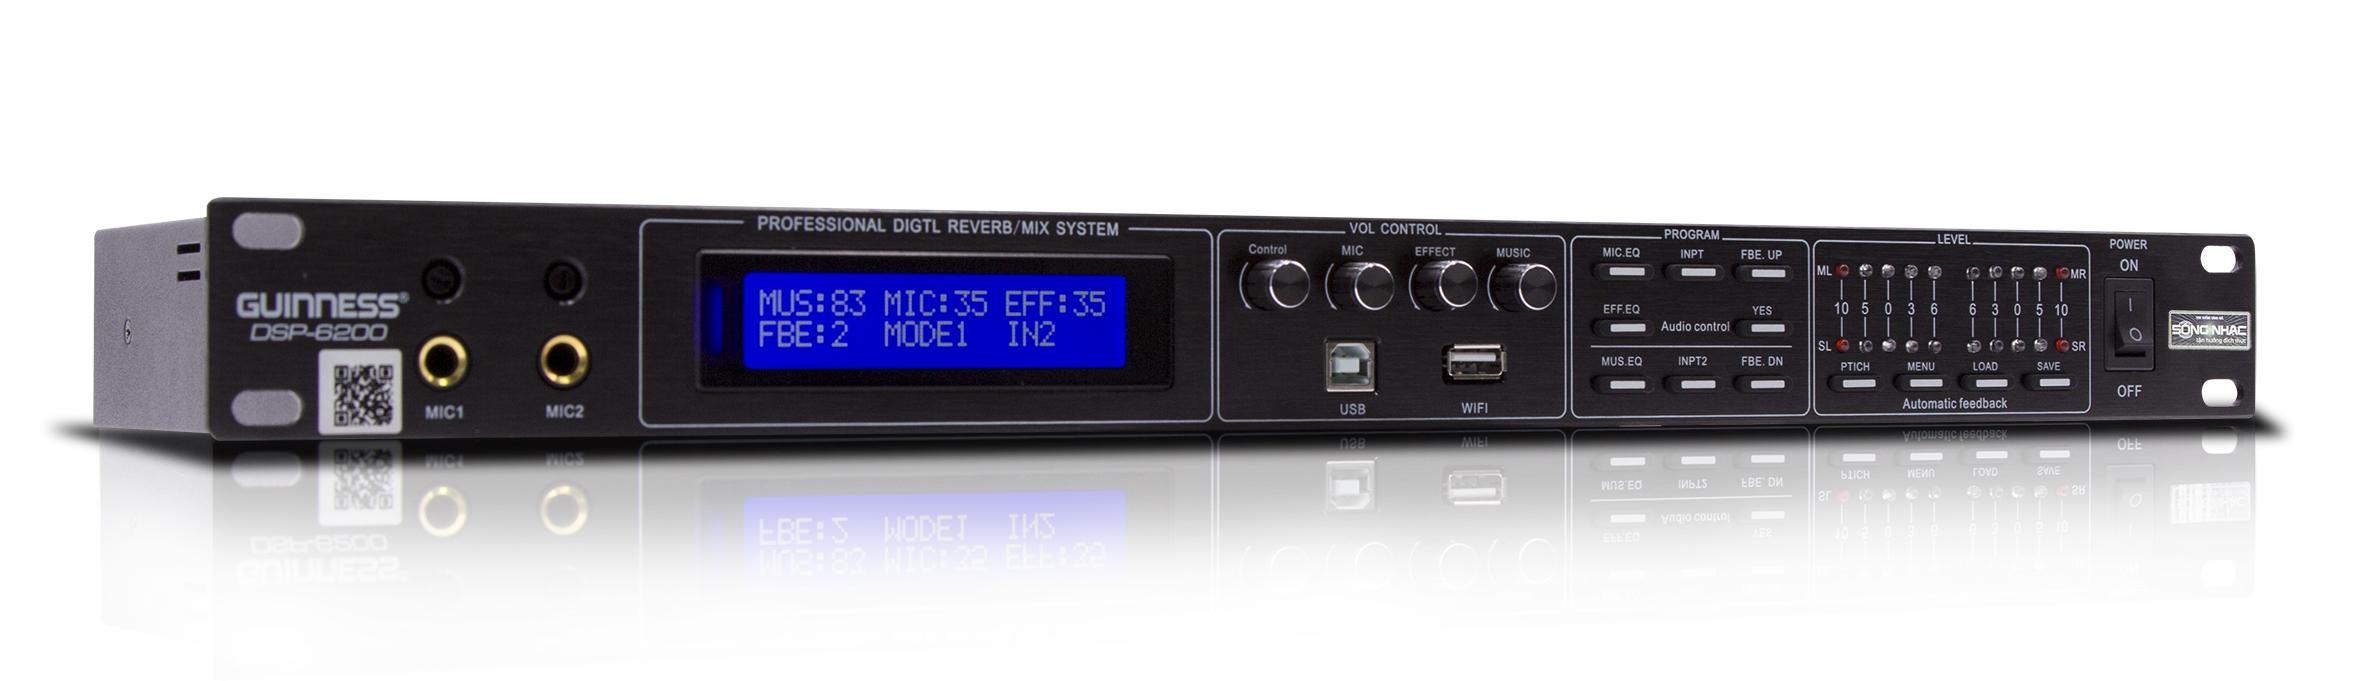 Vang số - Mixer GUINNESS DSP-6200 | Hàng nhập khẩu